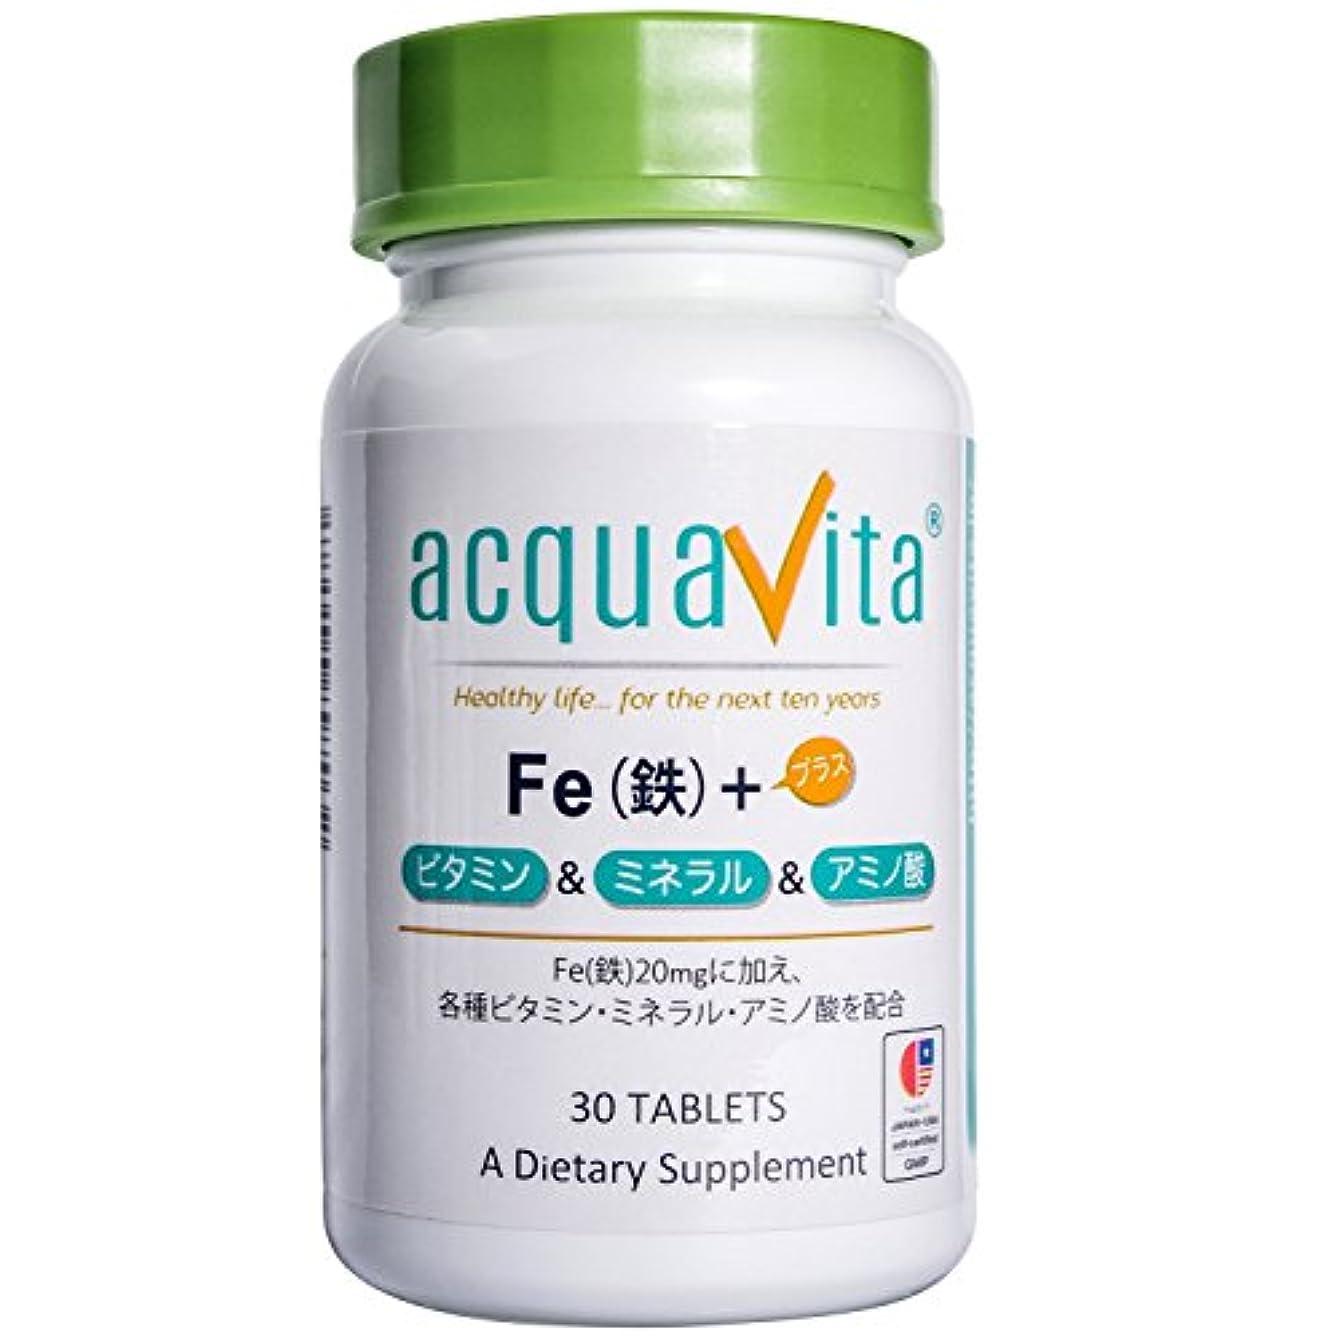 acquavita(アクアヴィータ) Fe(鉄)+ビタミン?ミネラル?アミノ酸 30粒